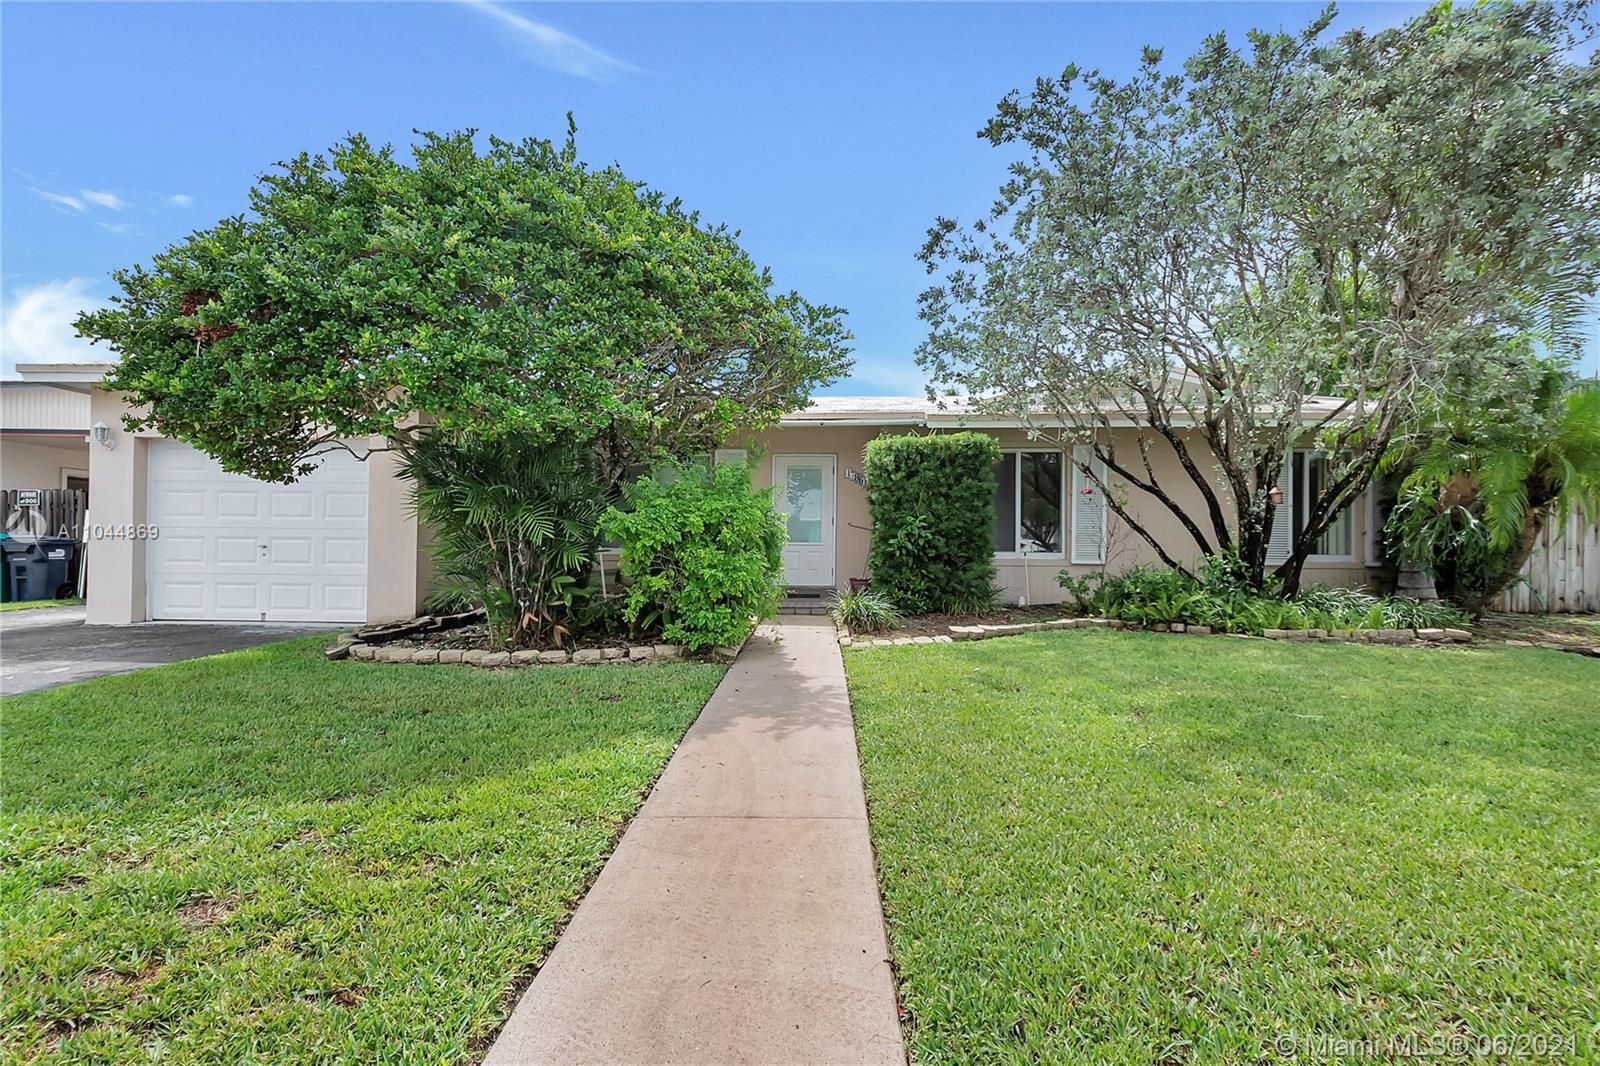 17861 SW 89th Ct, Palmetto Bay, FL 33157 - #: A11044869